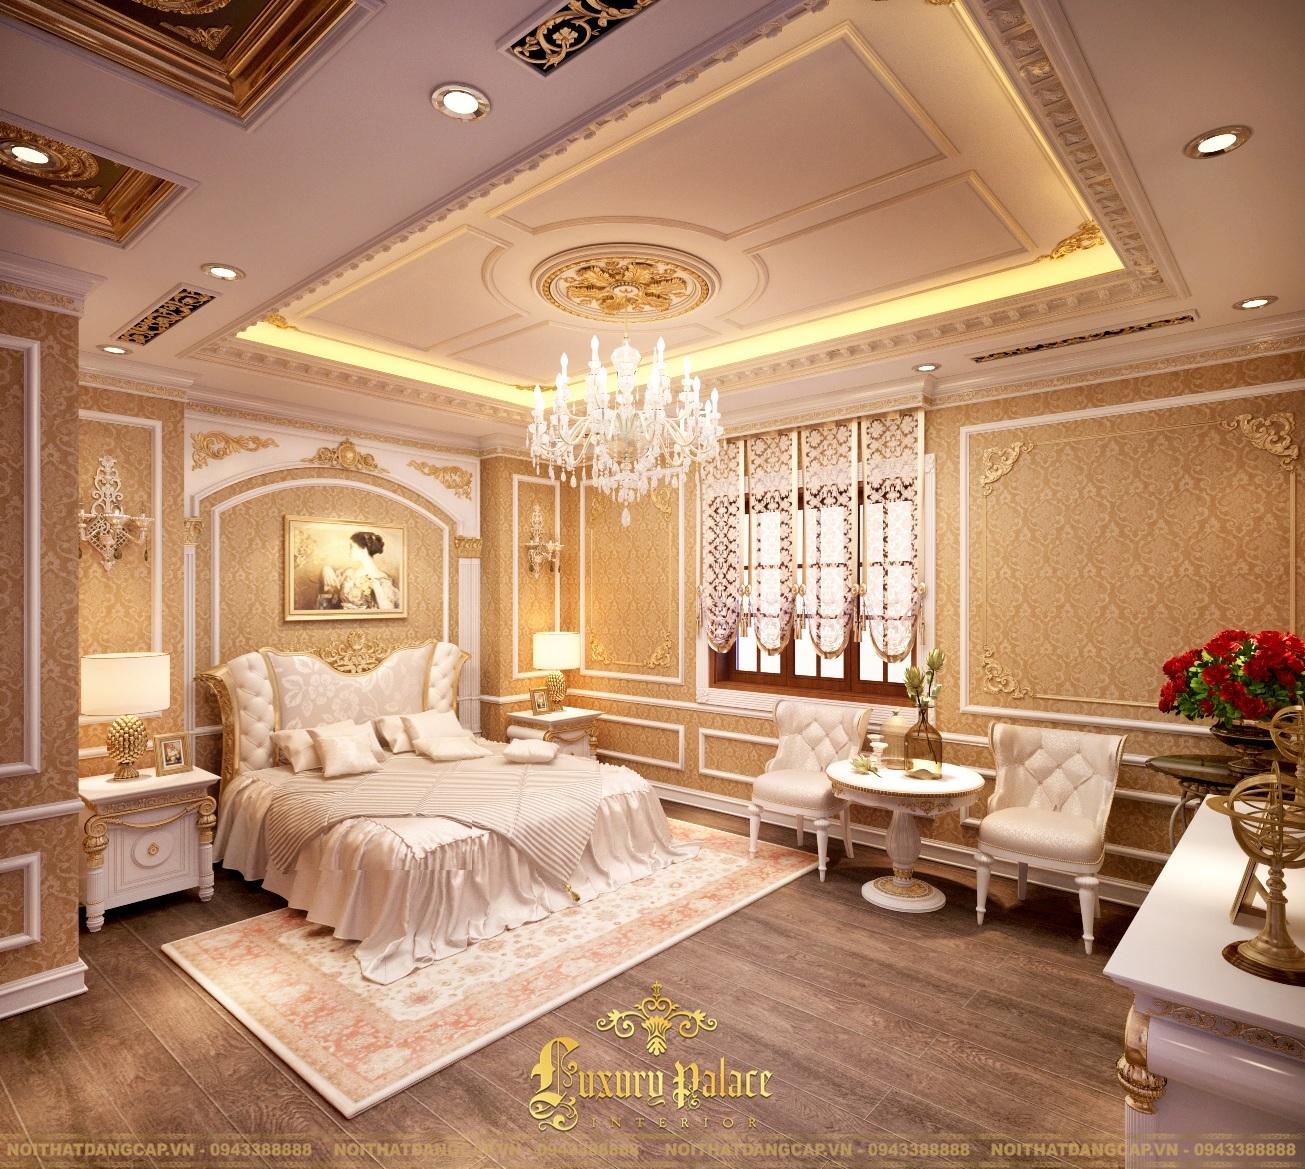 Mẫu thiết kế phòng ngủ phong cách tân cổ điển châu Âu 16